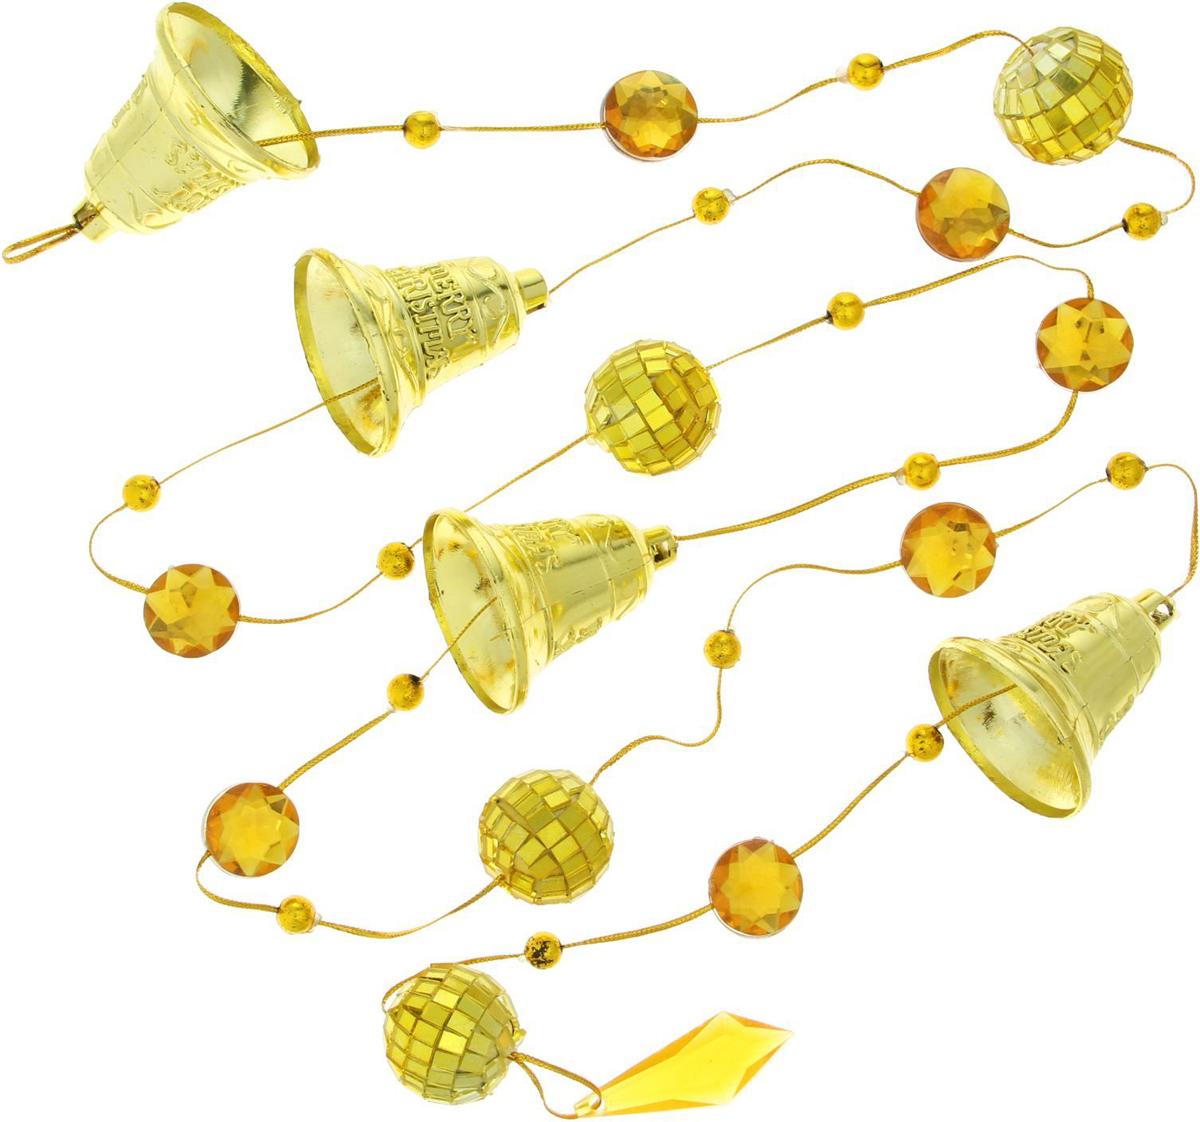 Бусы на елку Sima-land Зеркальные шарики с колокольчиками, 1,6 м1401732Новогодние бусы Sima-land отлично подойдут для декорации вашего дома и новогодней ели. Бусы на елку создадут в вашем доме атмосферу праздника, веселья и радости.